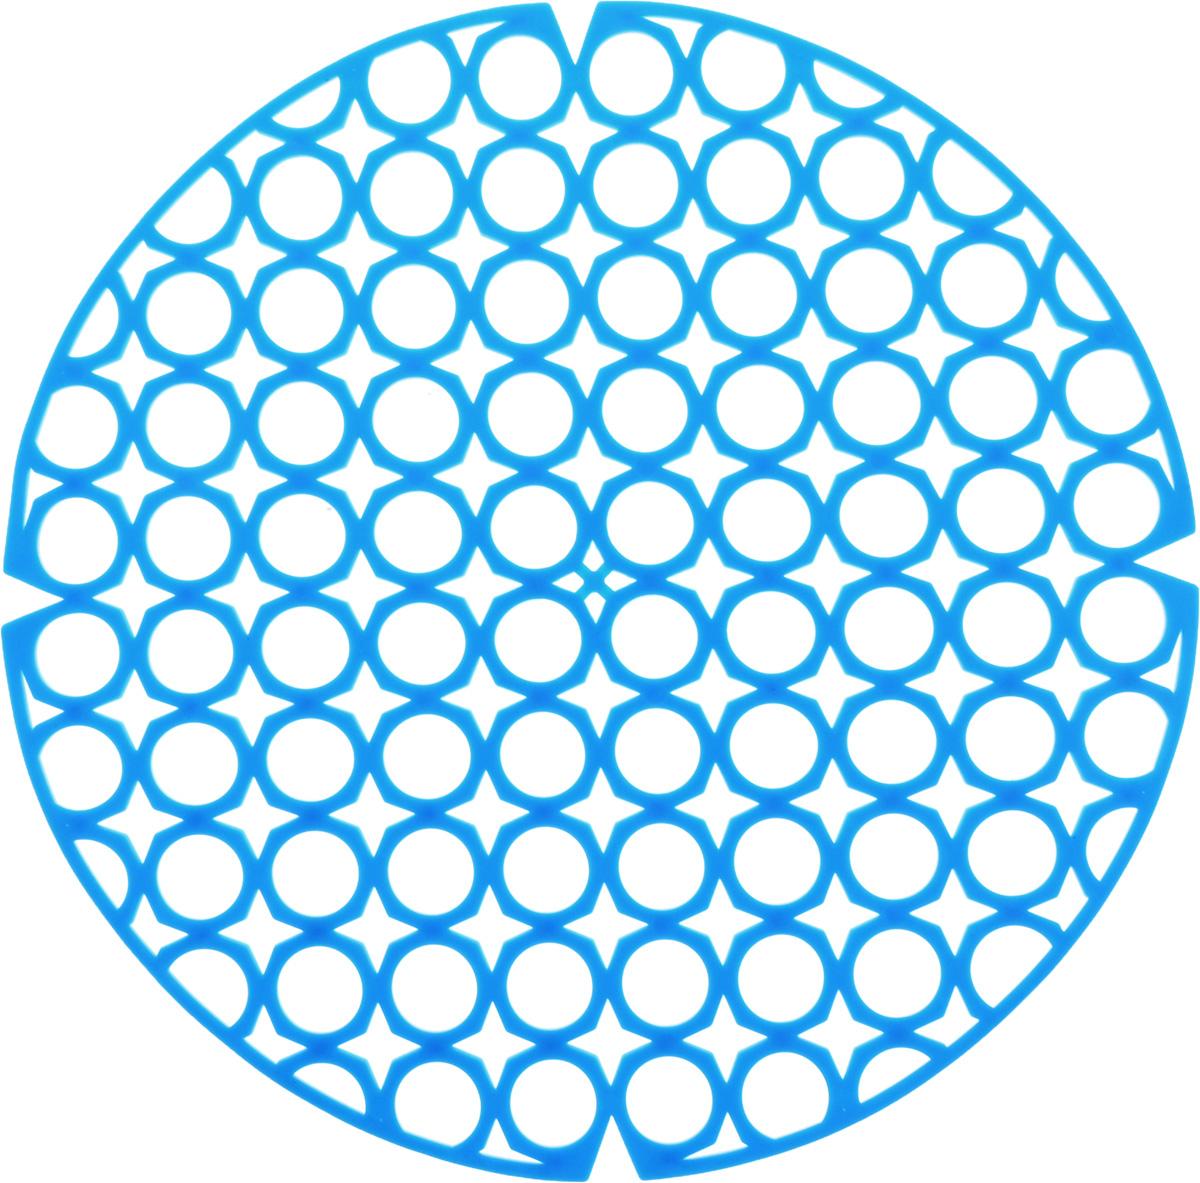 Коврик для раковины York, цвет: голубой, диаметр 27,5 см68/5/4Стильный и удобный коврик для раковины York изготовлен из сложных полимеров. Он одновременно выполняет несколько функций: украшает, защищает мойку от царапин и сколов, смягчает удары при падении посуды в мойку. Коврик также можно использовать для сушки посуды, фруктов и овощей. Он легко очищается отгрязи и жира.Диаметр: 27,5 см.